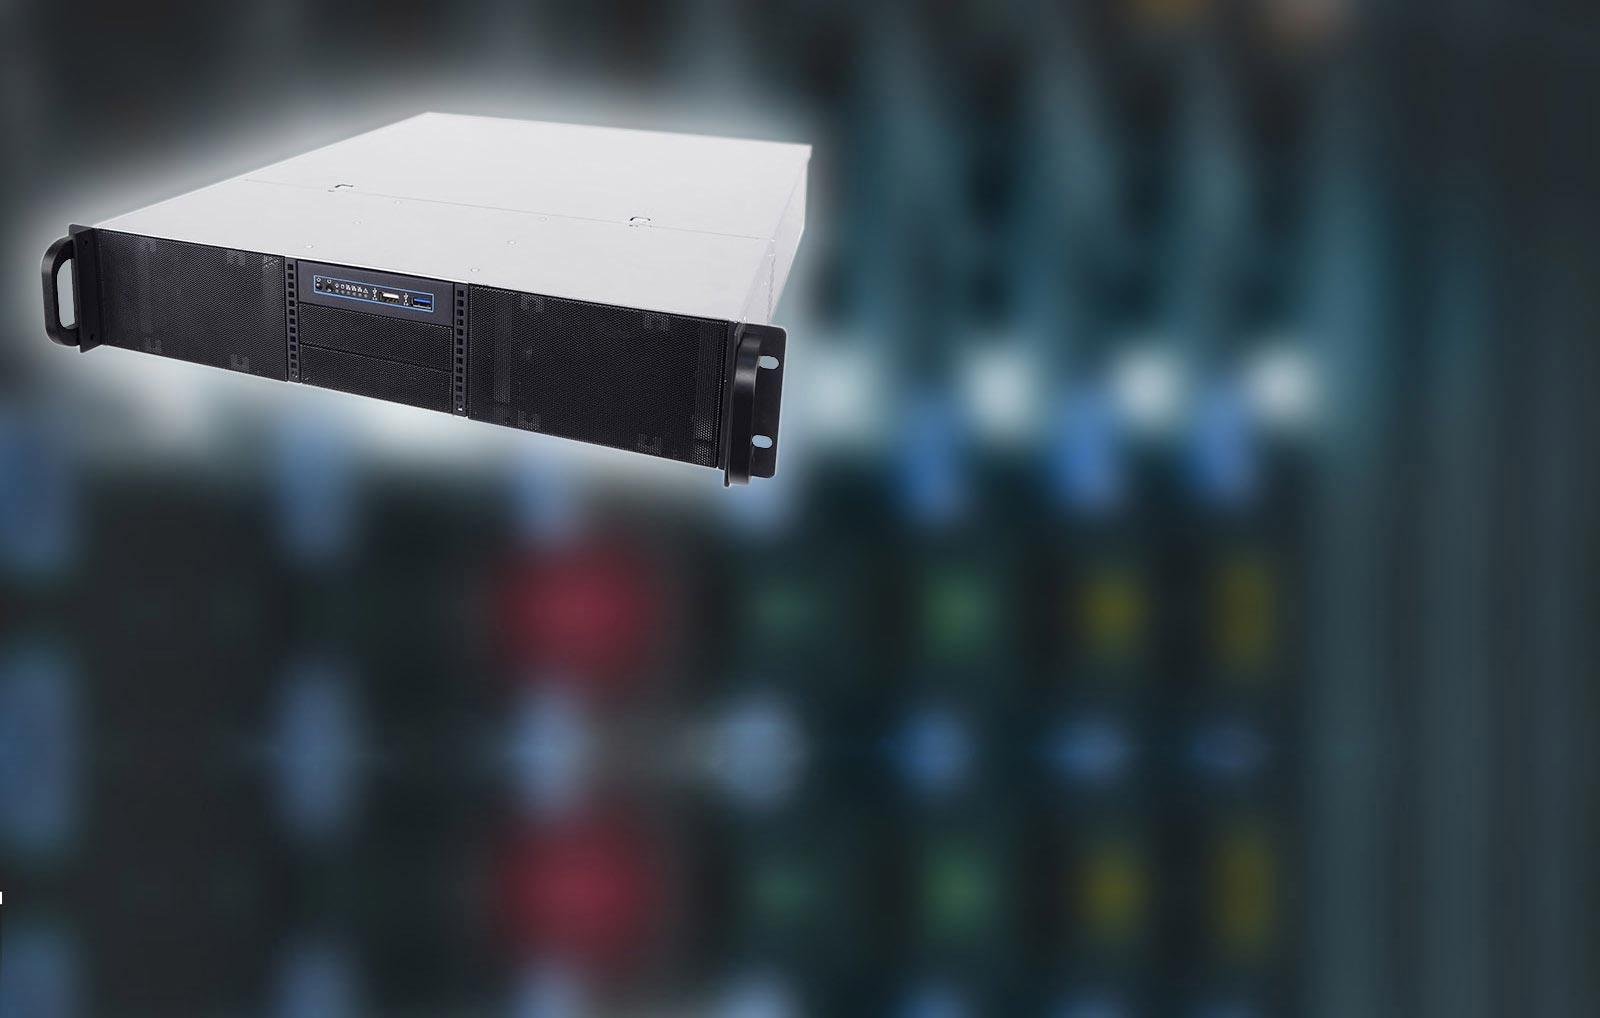 Новые модели 2U для серверов хранения данных высокой плотности на 8 дисков +2.5